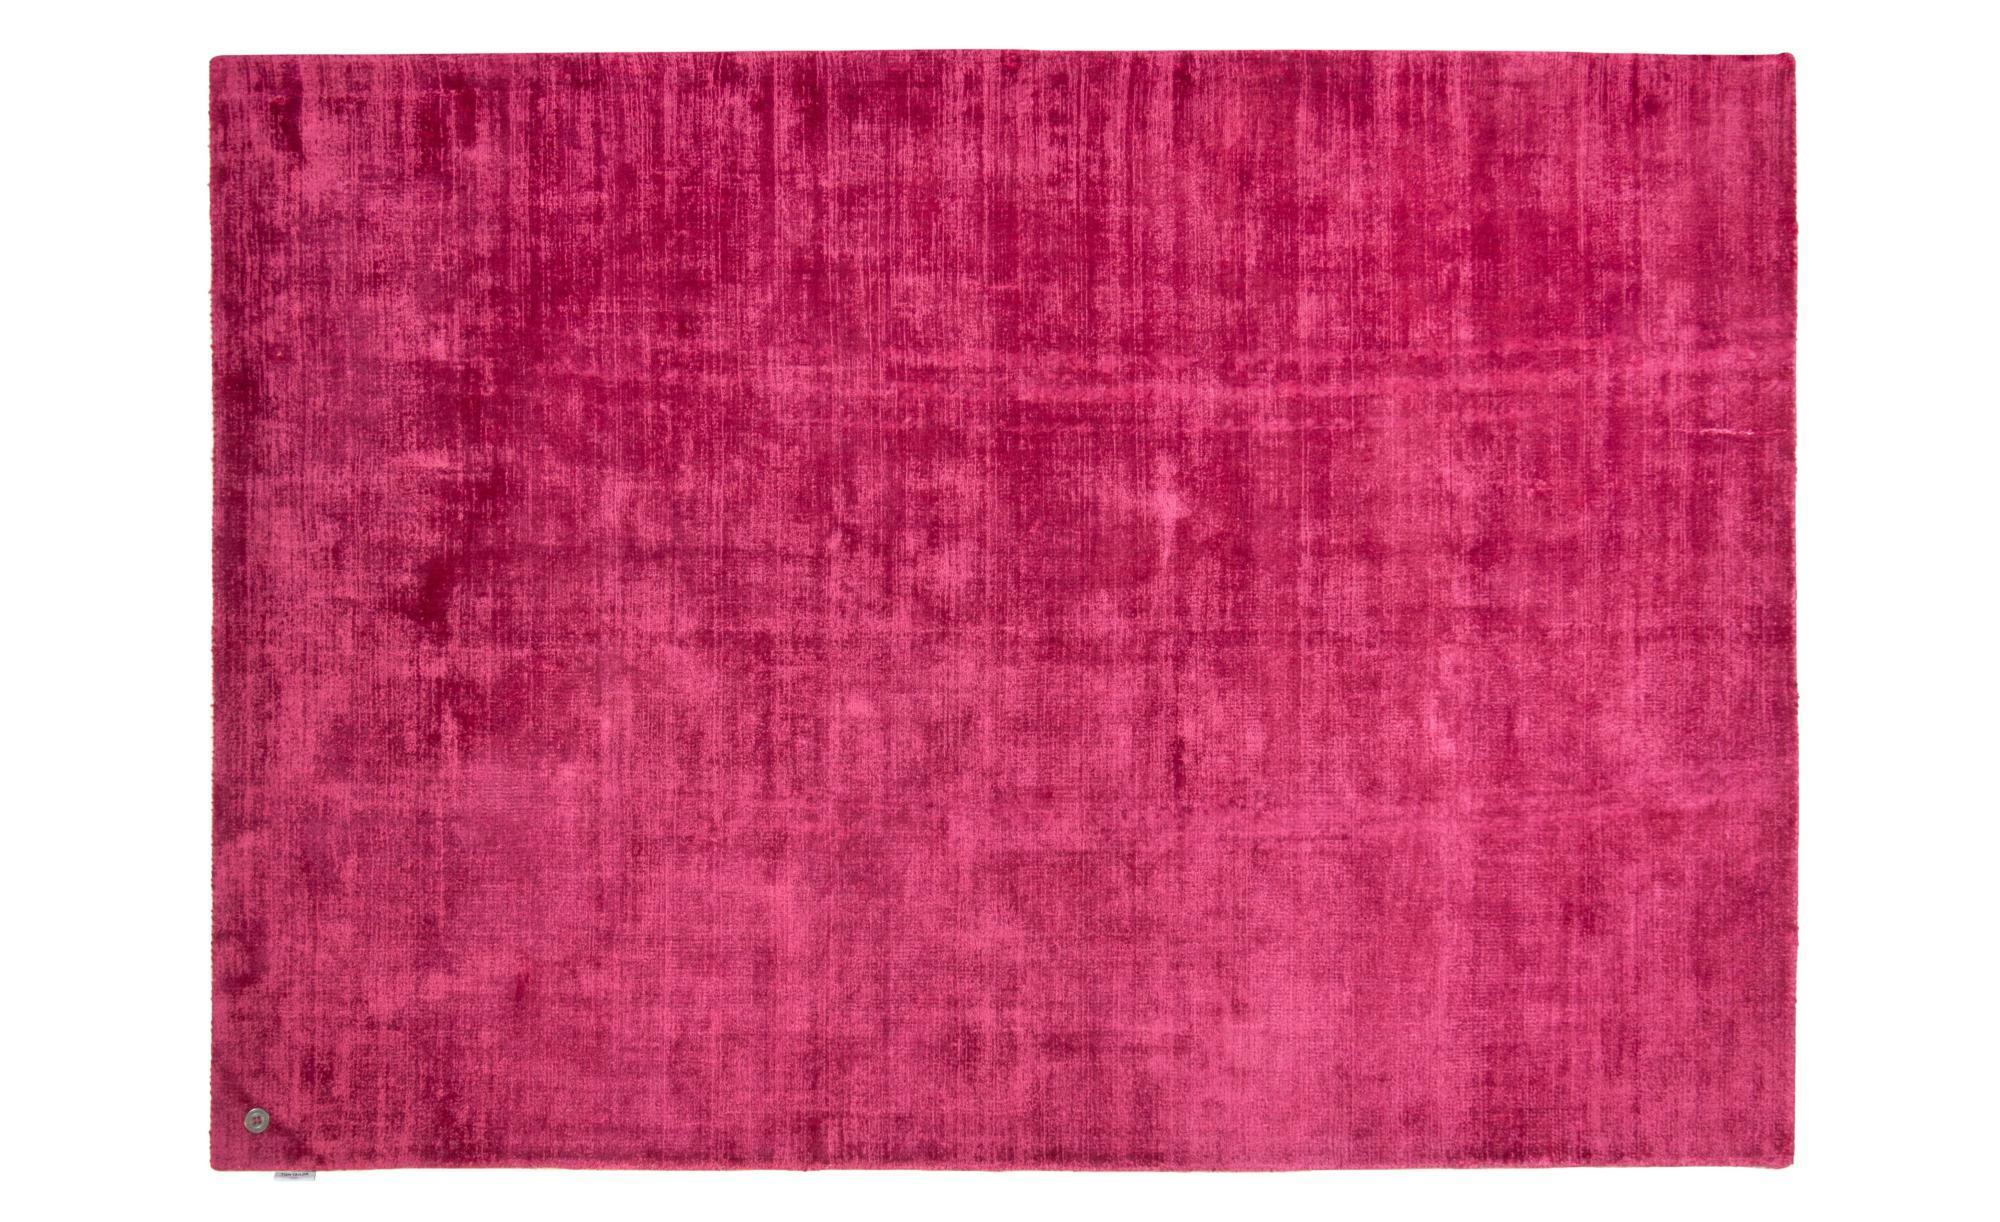 Tom Tailor Teppich handgewebt  Shine ¦ lila/violett ¦ reine Viskose ¦ Maße (cm): B: 140 Teppiche > Wohnteppiche - Höffner